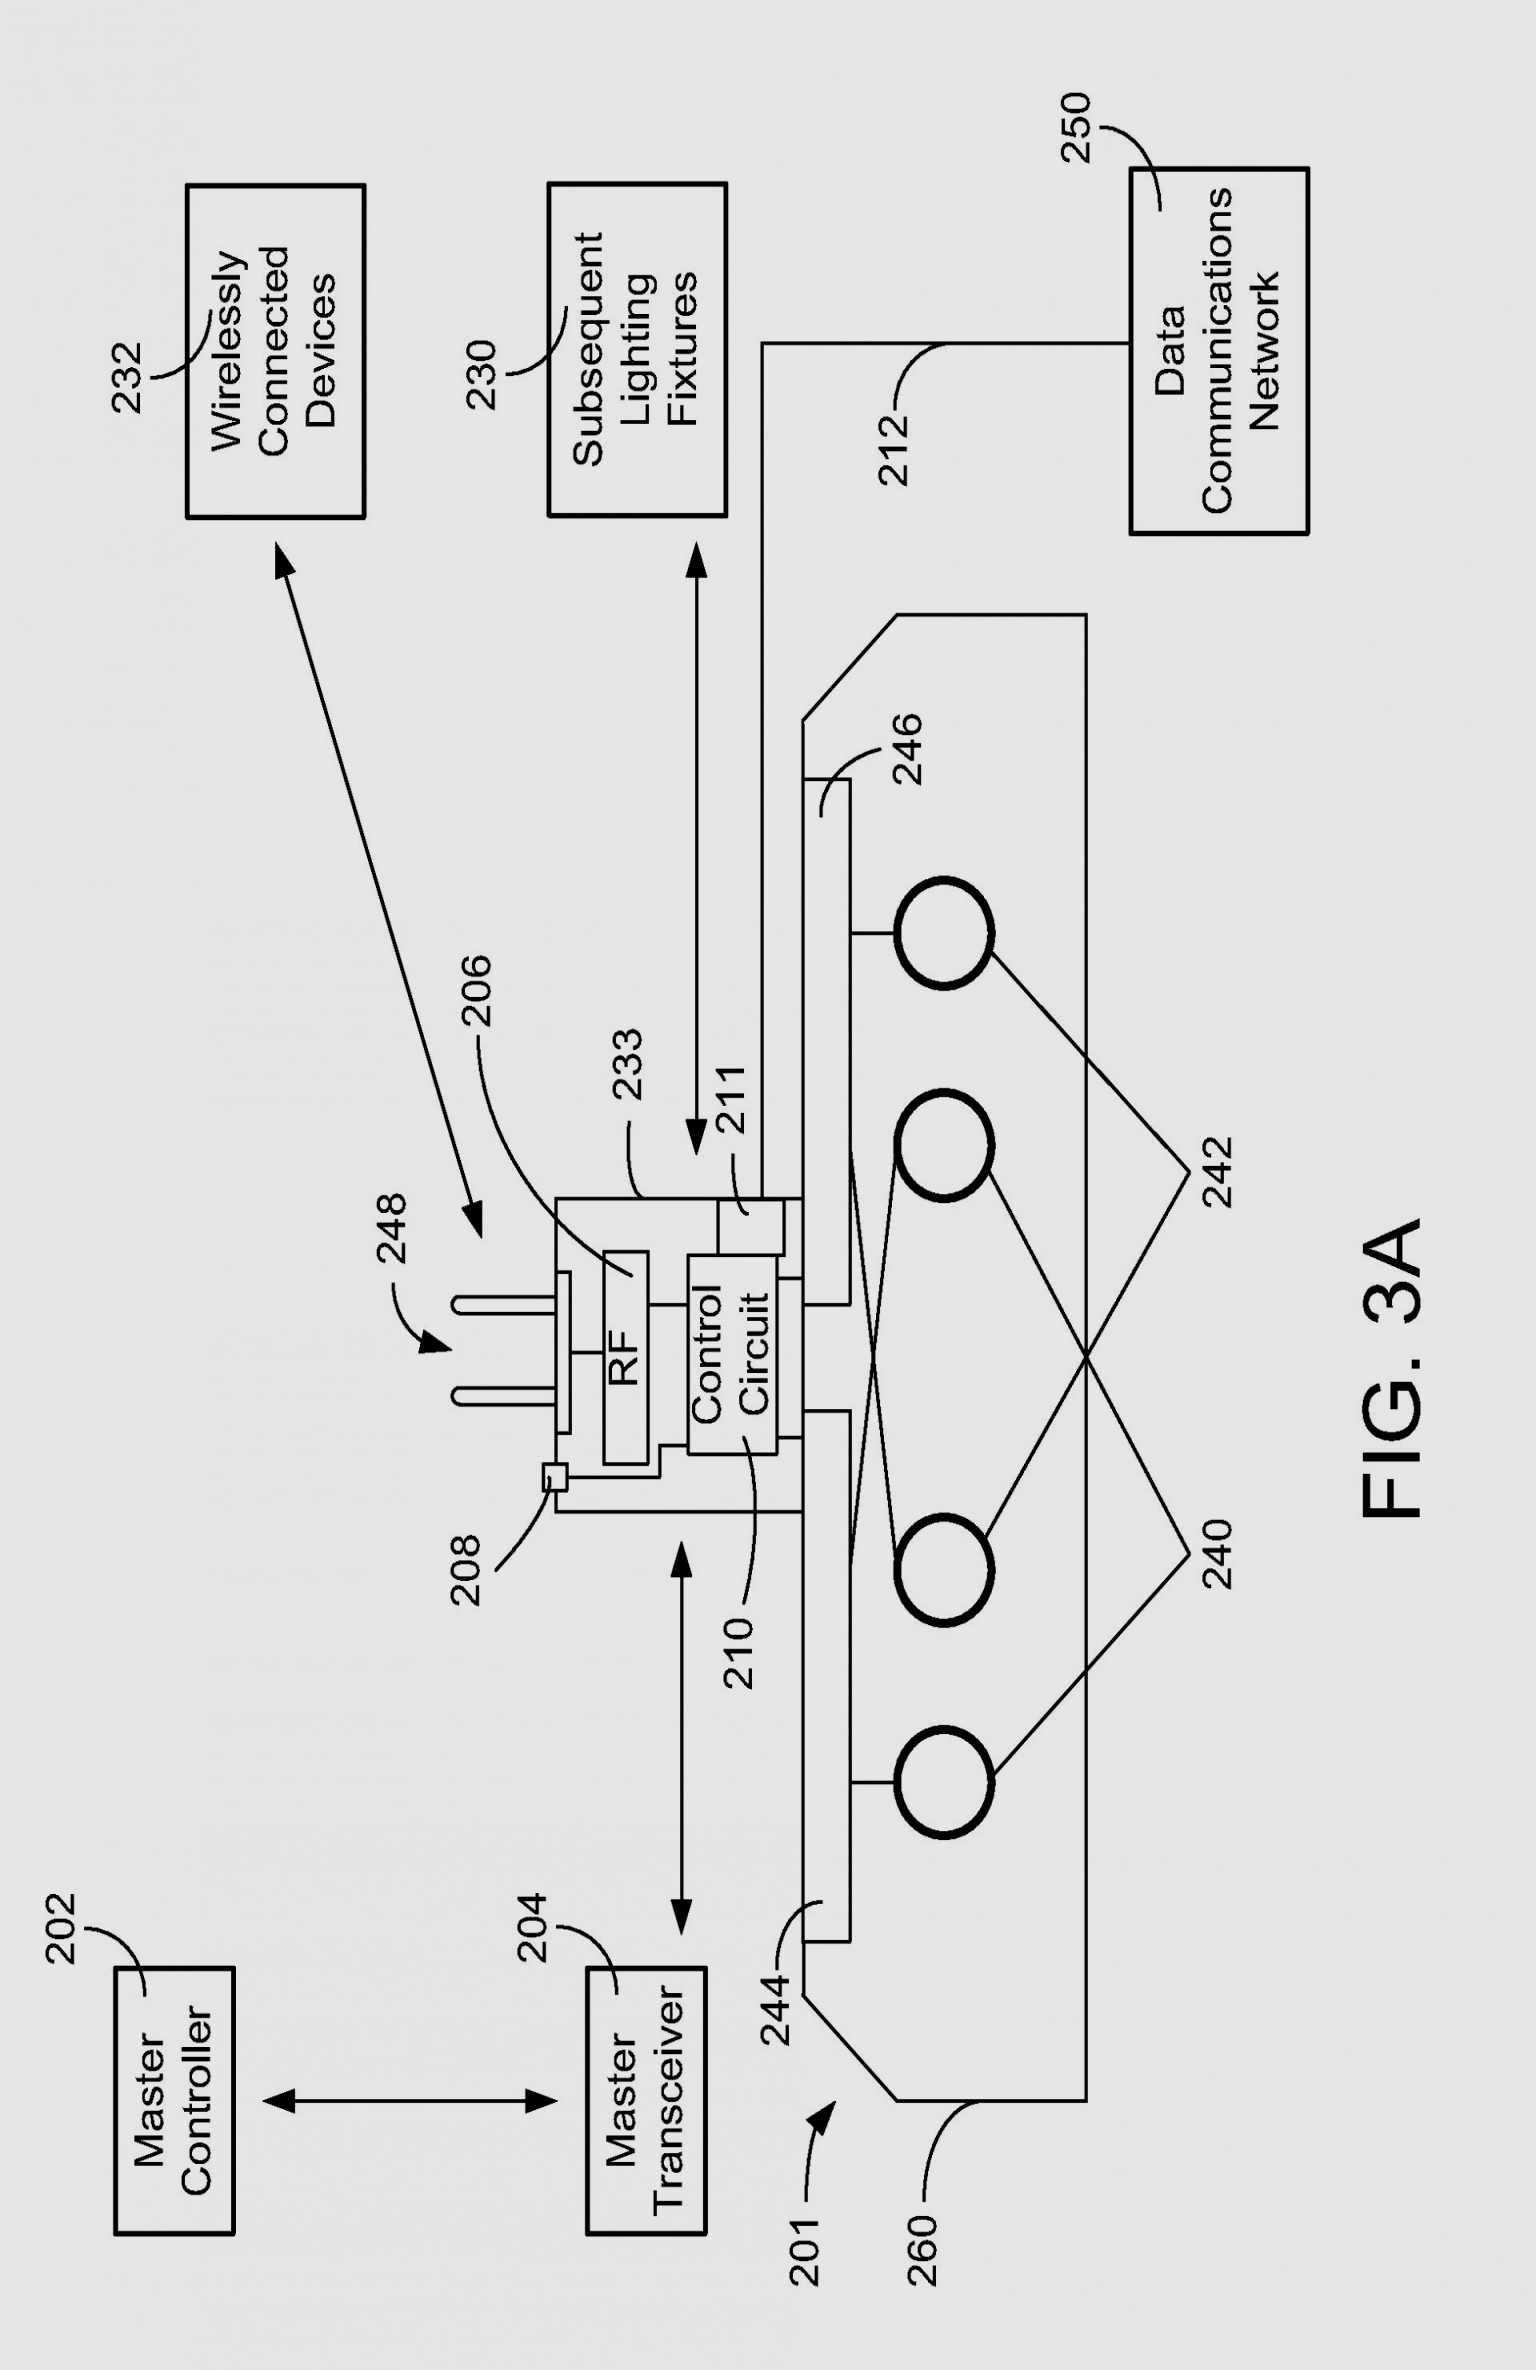 True Gdm 72F Wiring Diagram   Schematic Diagram - True Freezer T 49F Wiring Diagram